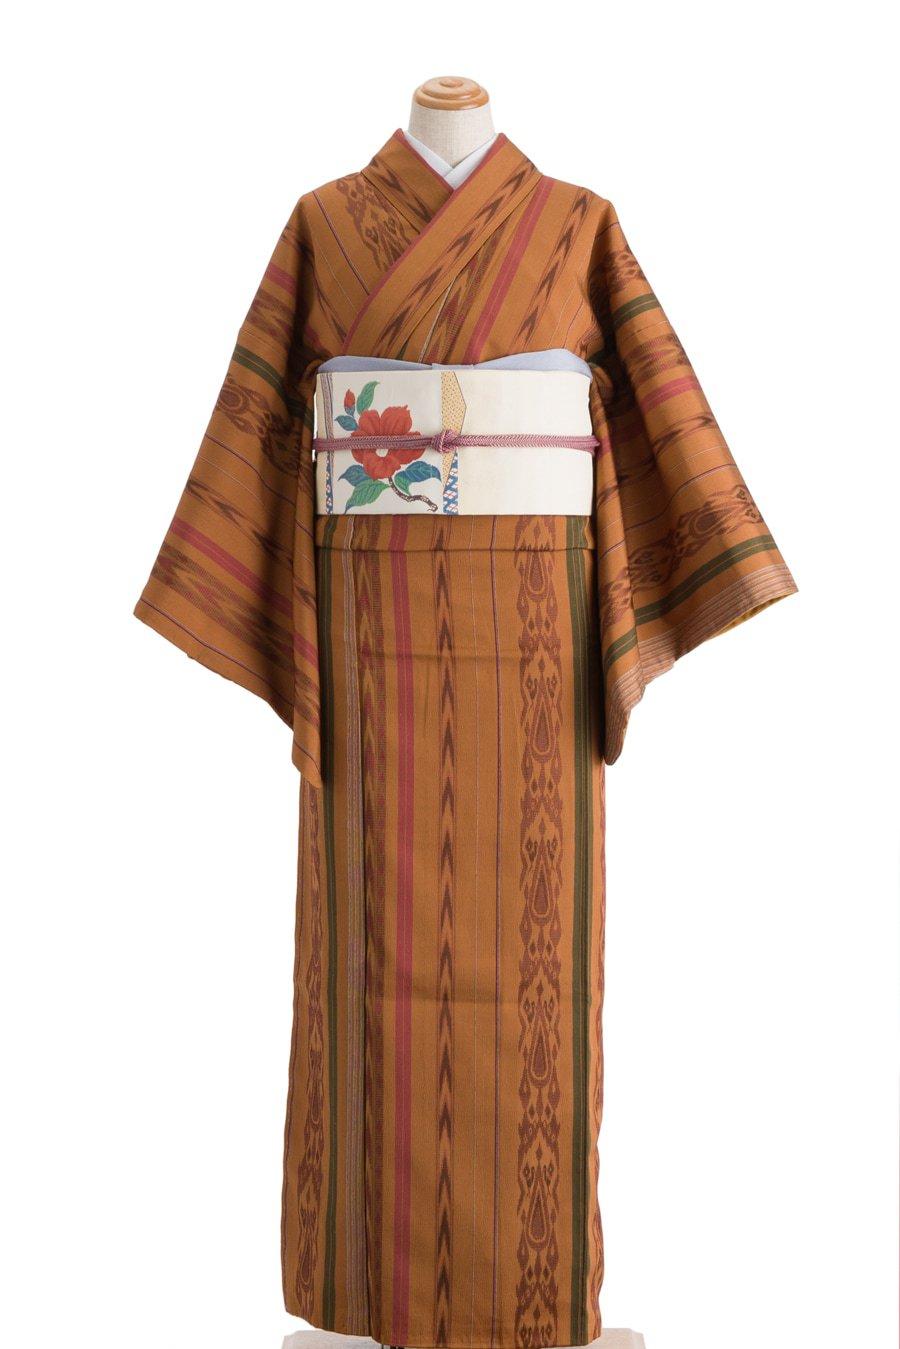 「お召 木目風の縞」の商品画像